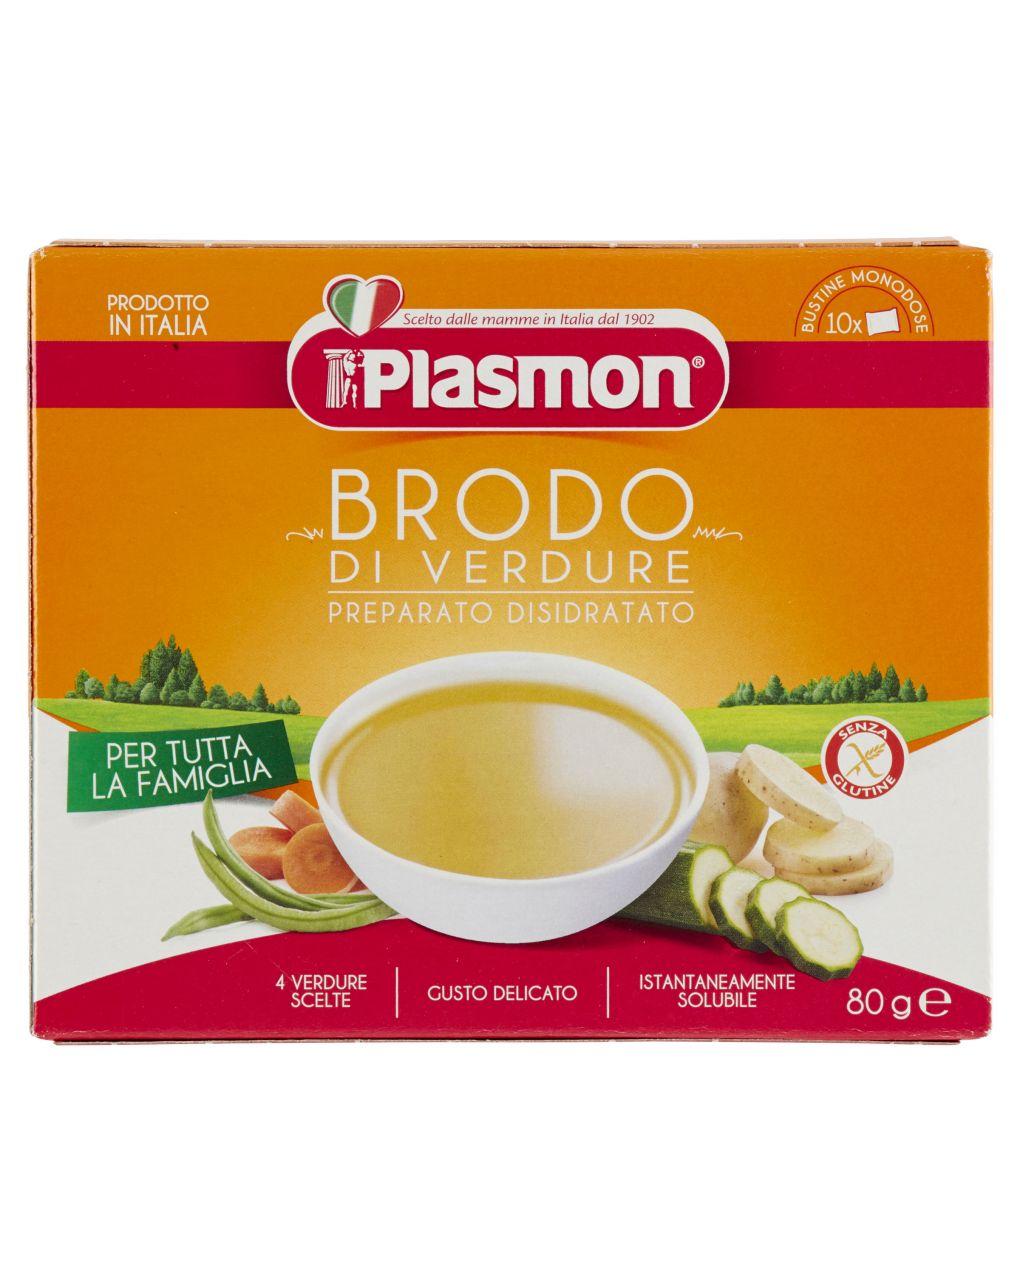 Plasmon - brodo di verdura, preparato disidratato 80g - Plasmon